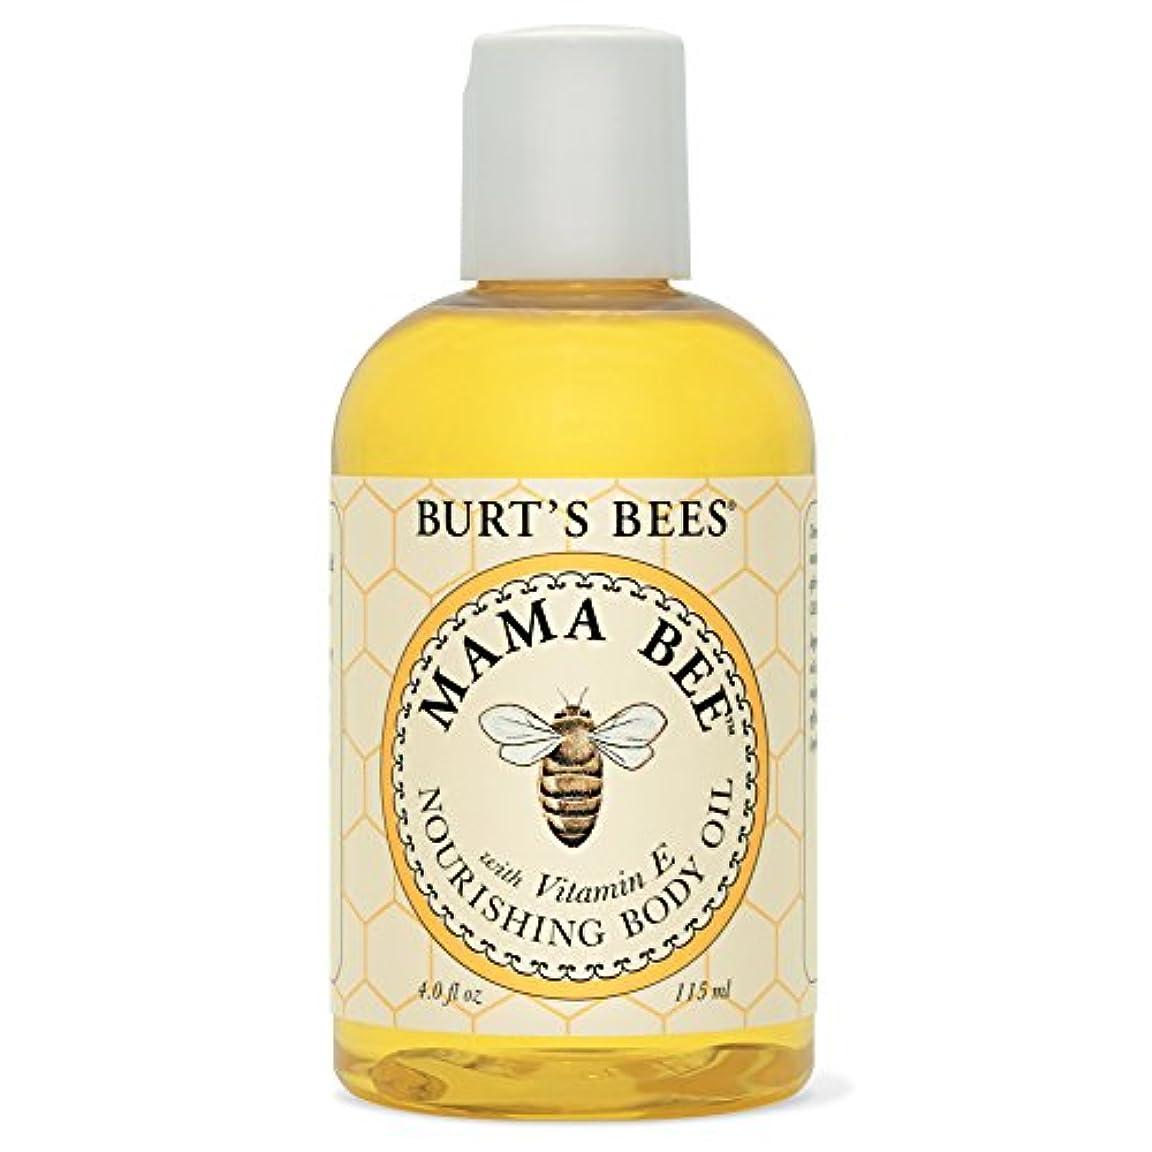 葉っぱ商品焦げバーツビーママ蜂栄養ボディオイル115ミリリットル (Burt's Bees) (x6) - Burt's Bees Mama Bee Nourishing Body Oil 115ml (Pack of 6) [並行輸入品]